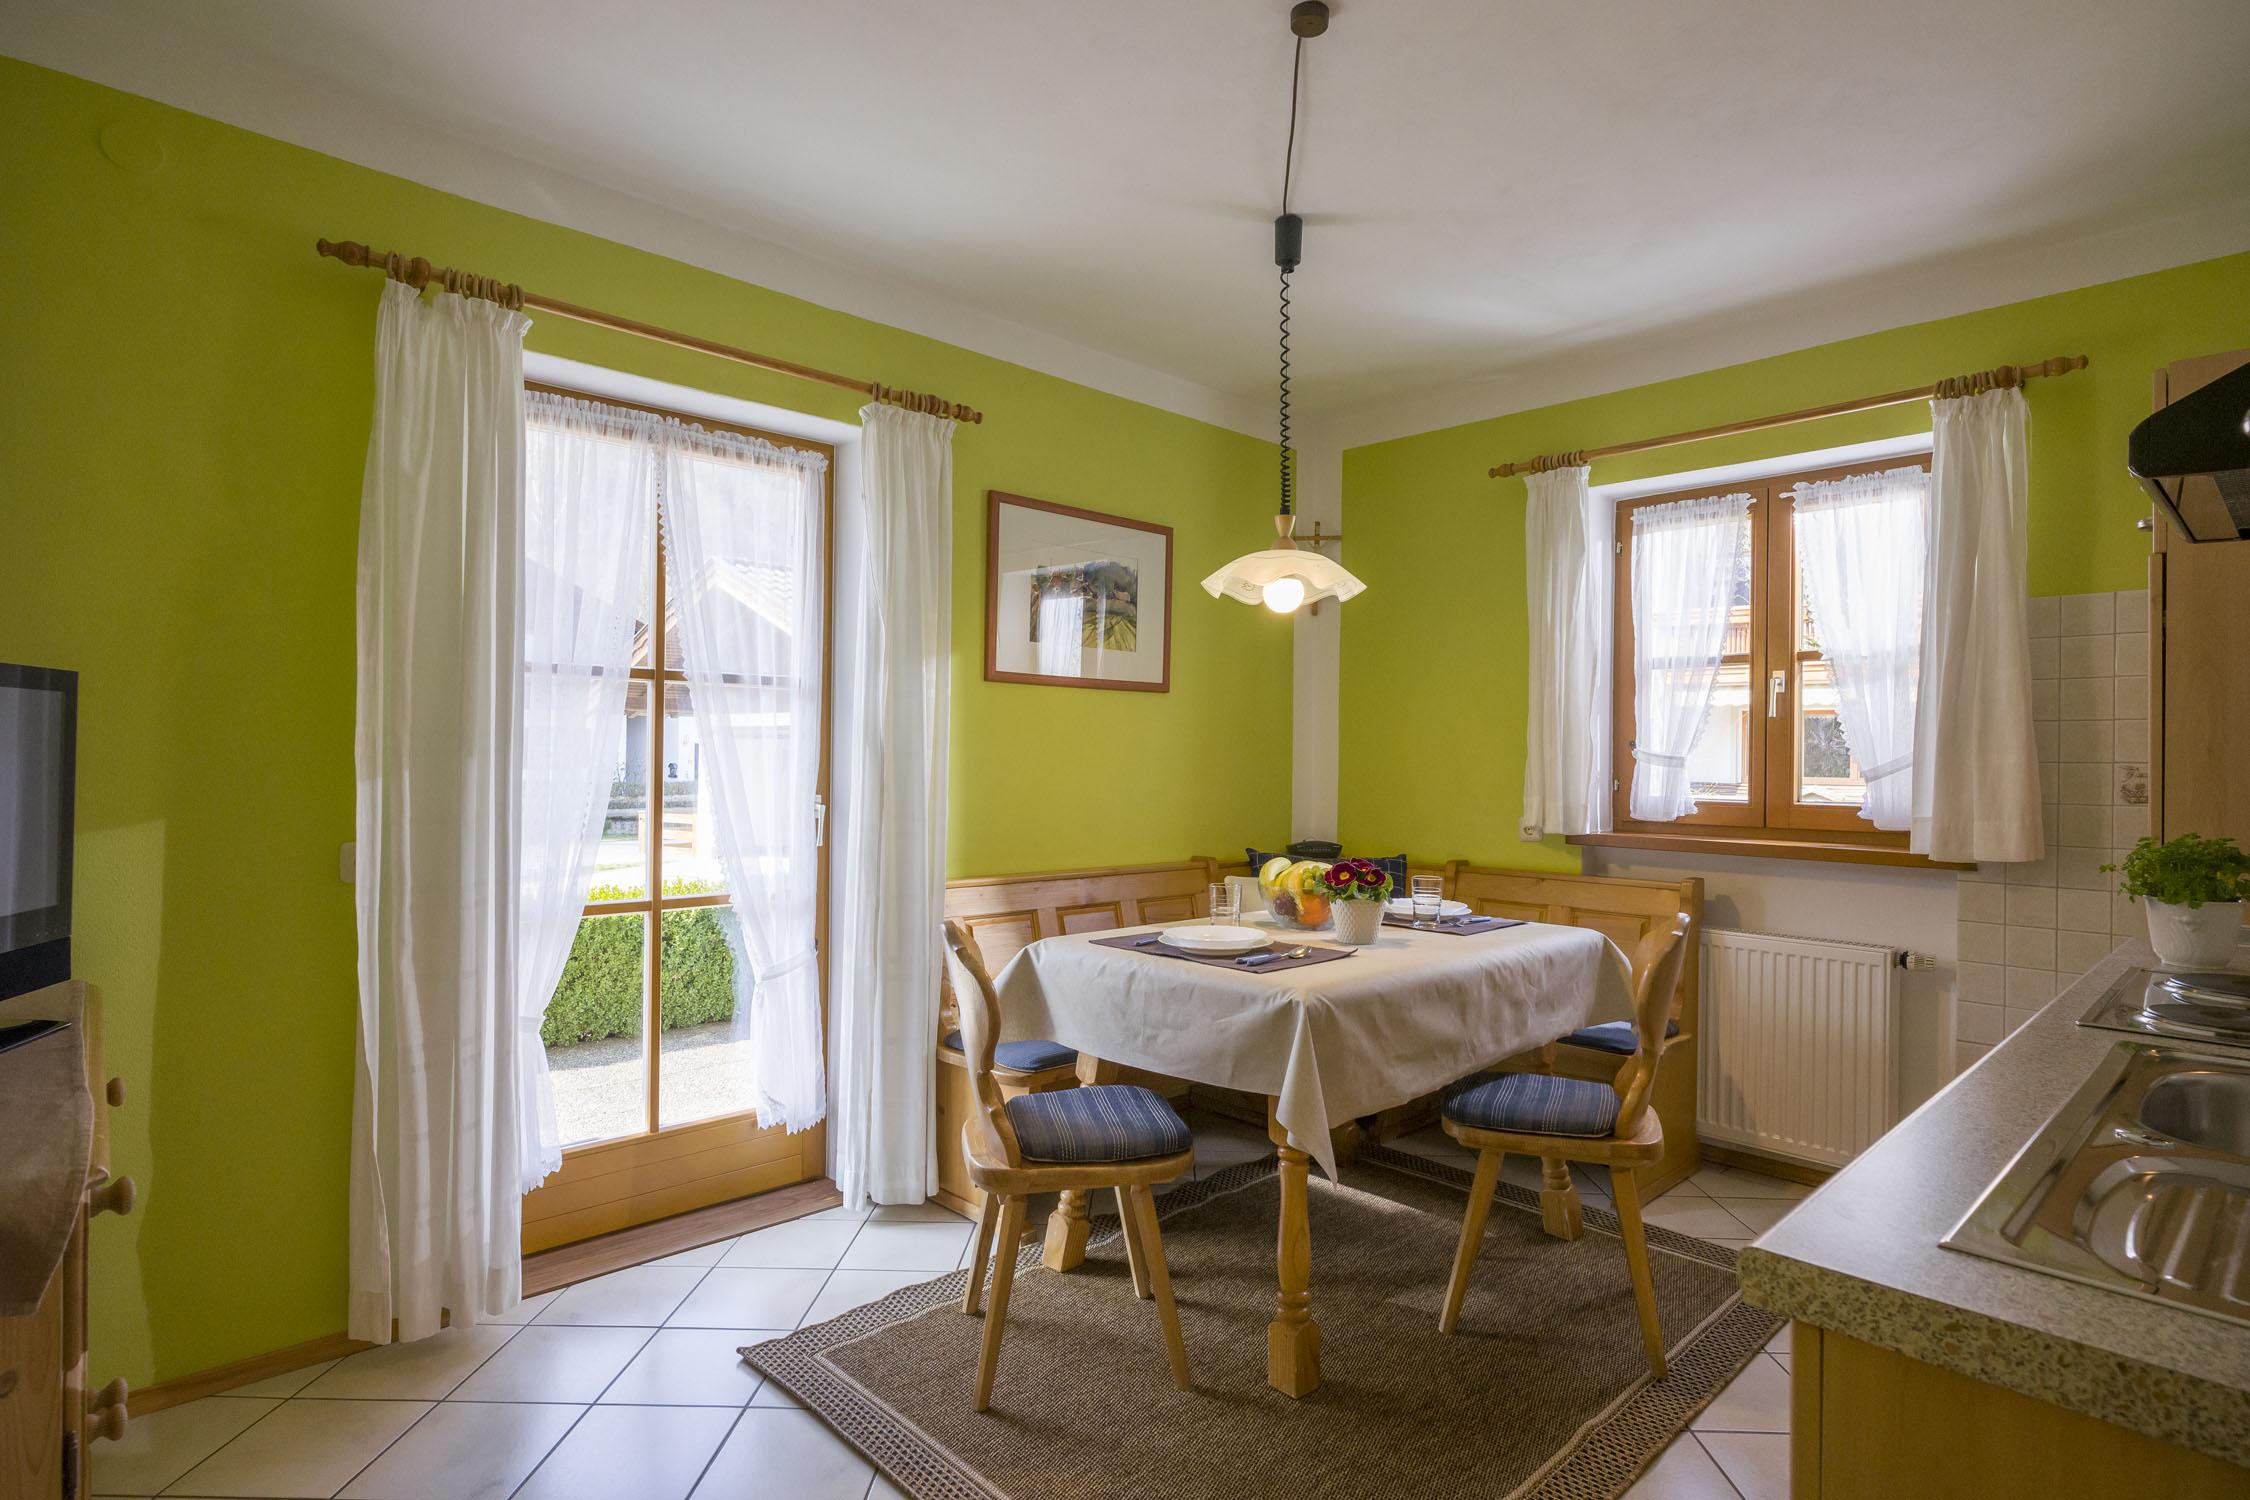 Ferienwohnung Christophenhof (DE Oberaudorf). 3-Zimmer Ferienwohnung Terrasse 1 (710004), Oberaudorf, Chiemgau, Bayern, Deutschland, Bild 8